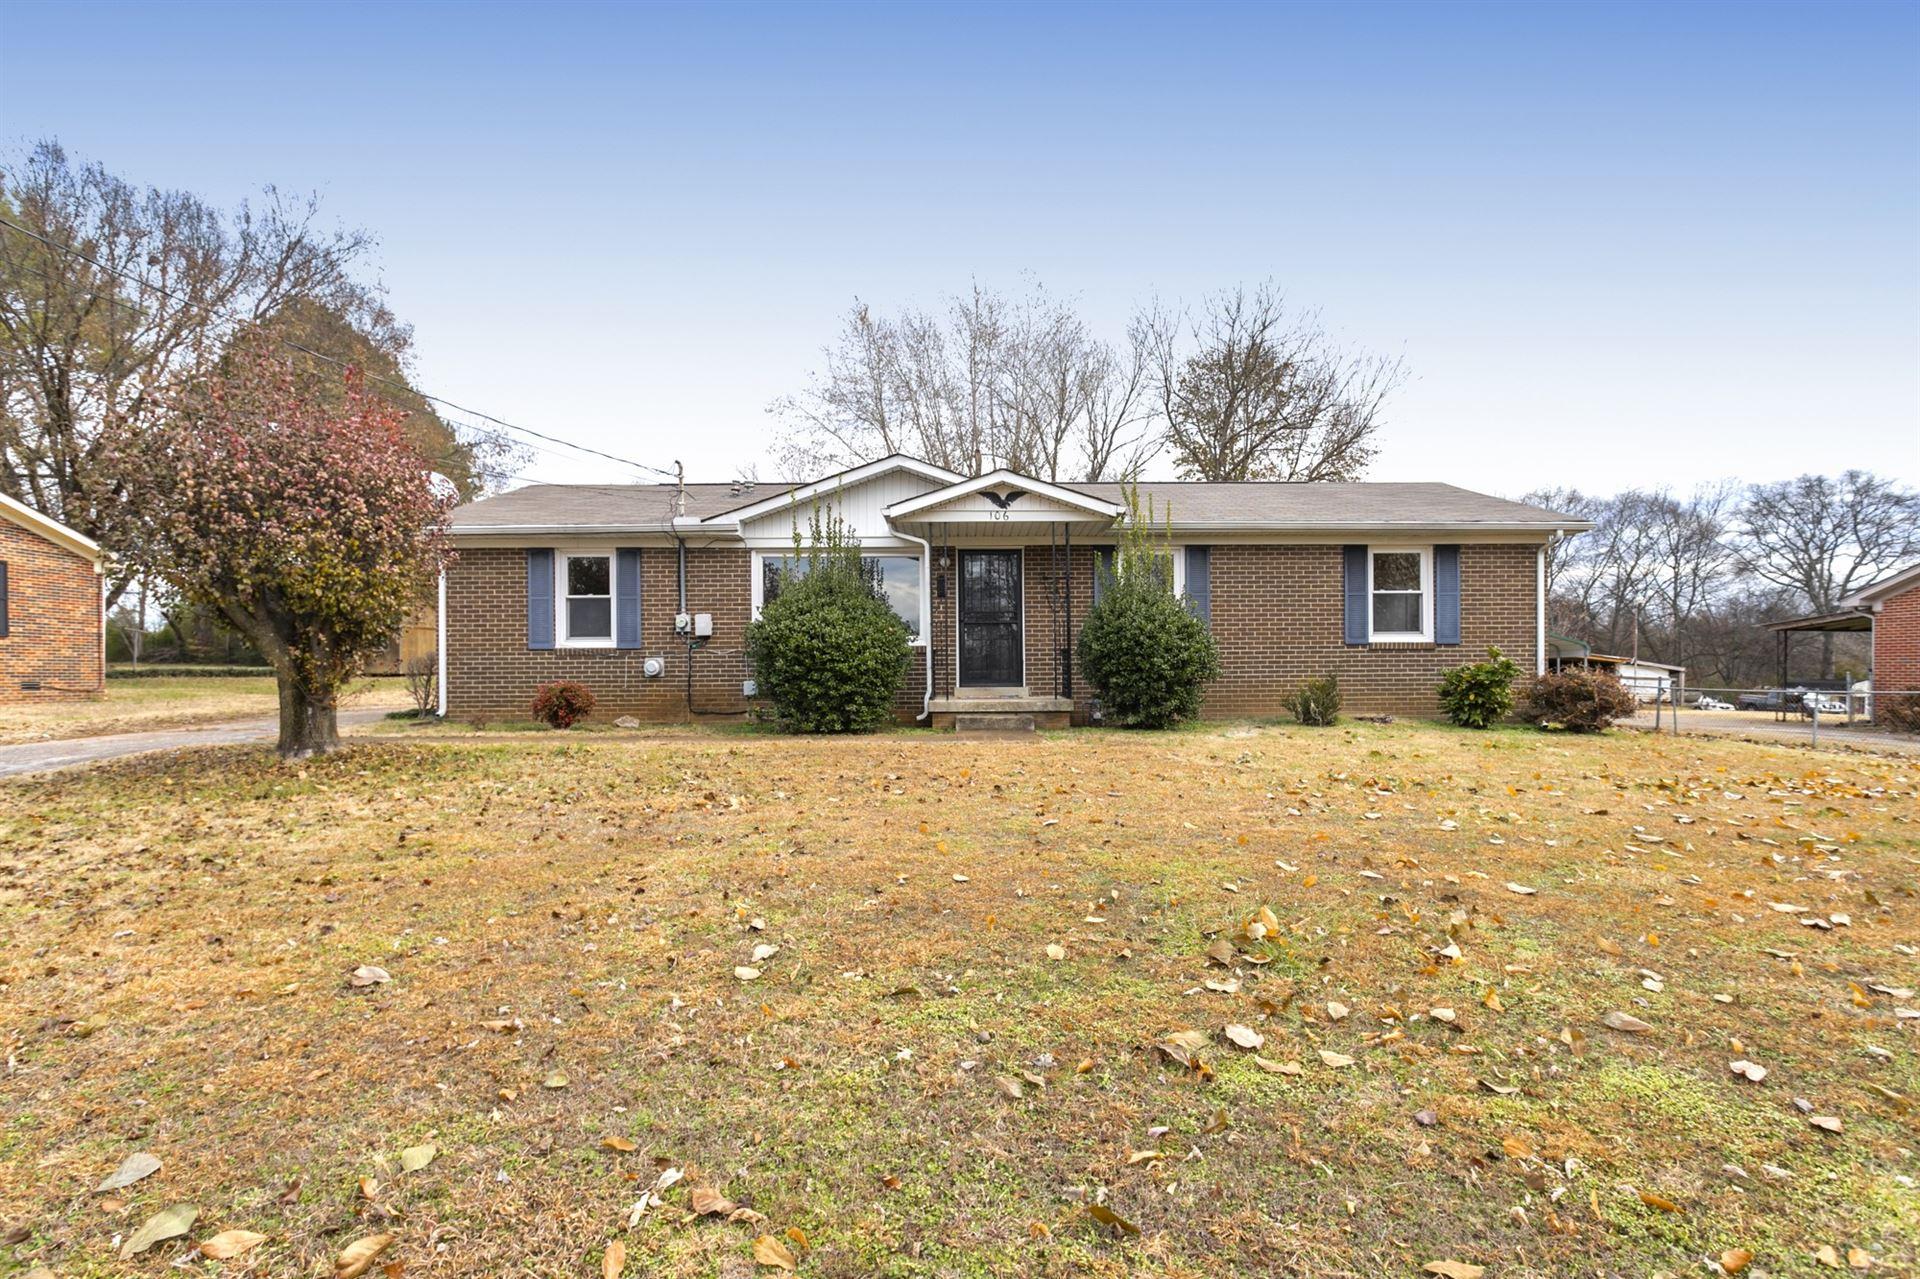 106 Oak Park Dr, Columbia, TN 38401 - MLS#: 2213424